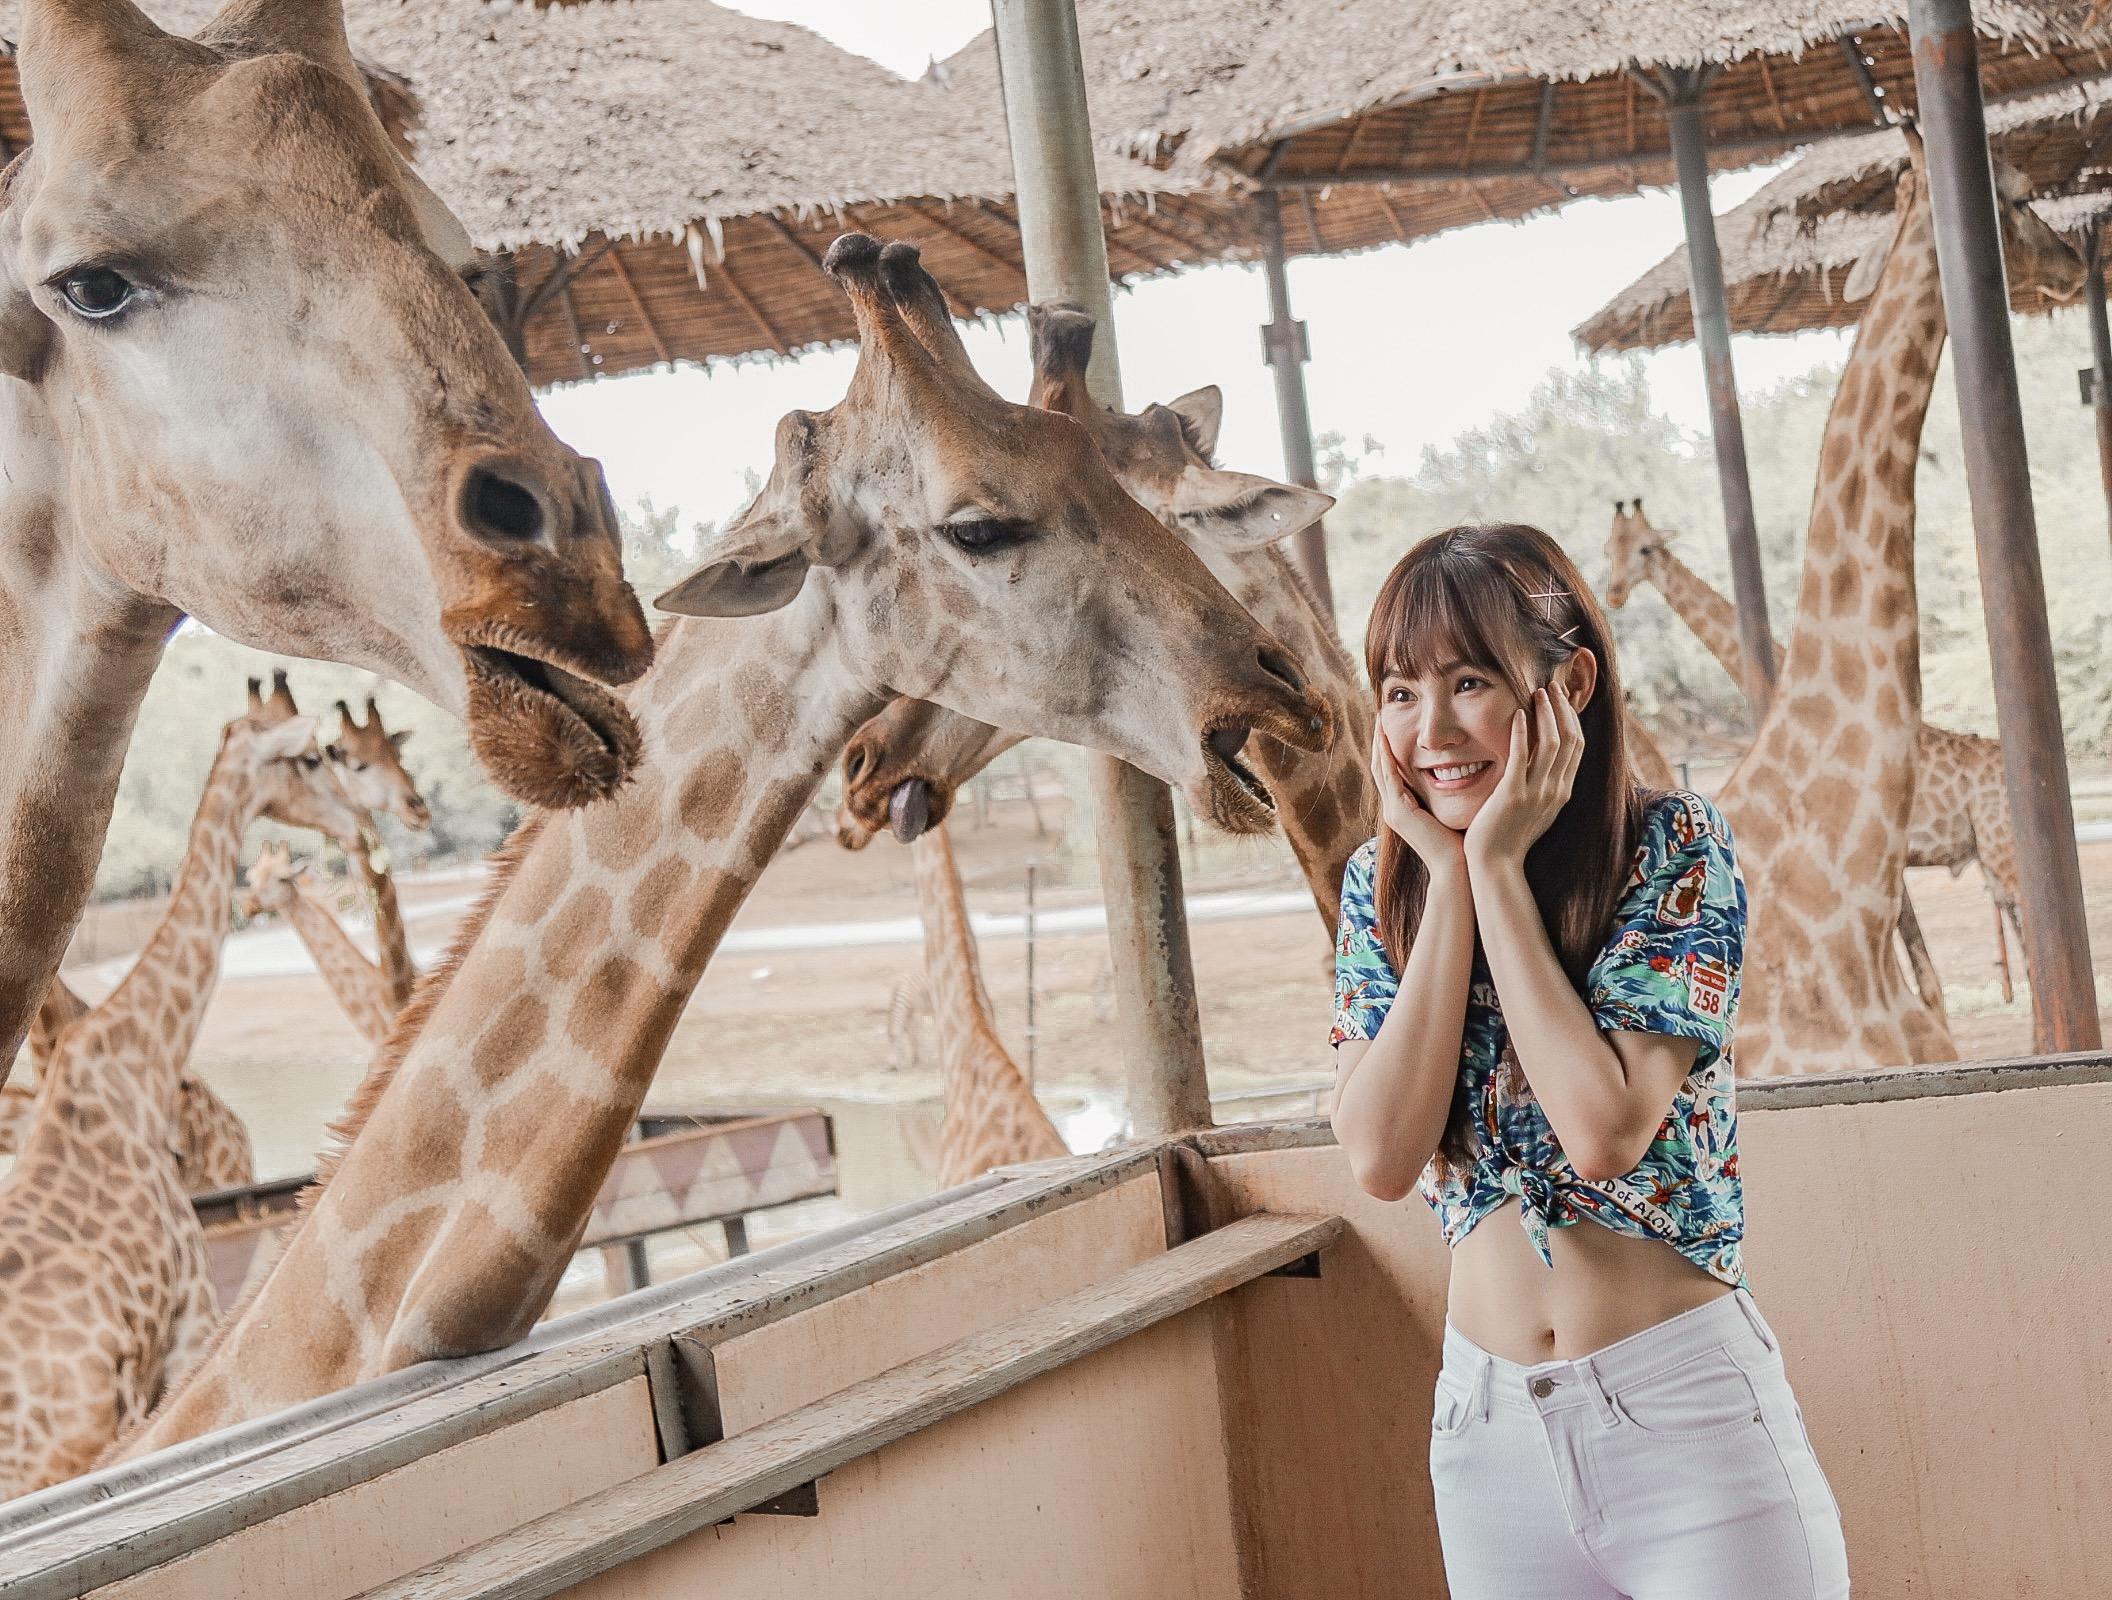 ▲泰國動物園的長頸鹿可以摸也可以餵,讓吳心緹和友人待了一整天。